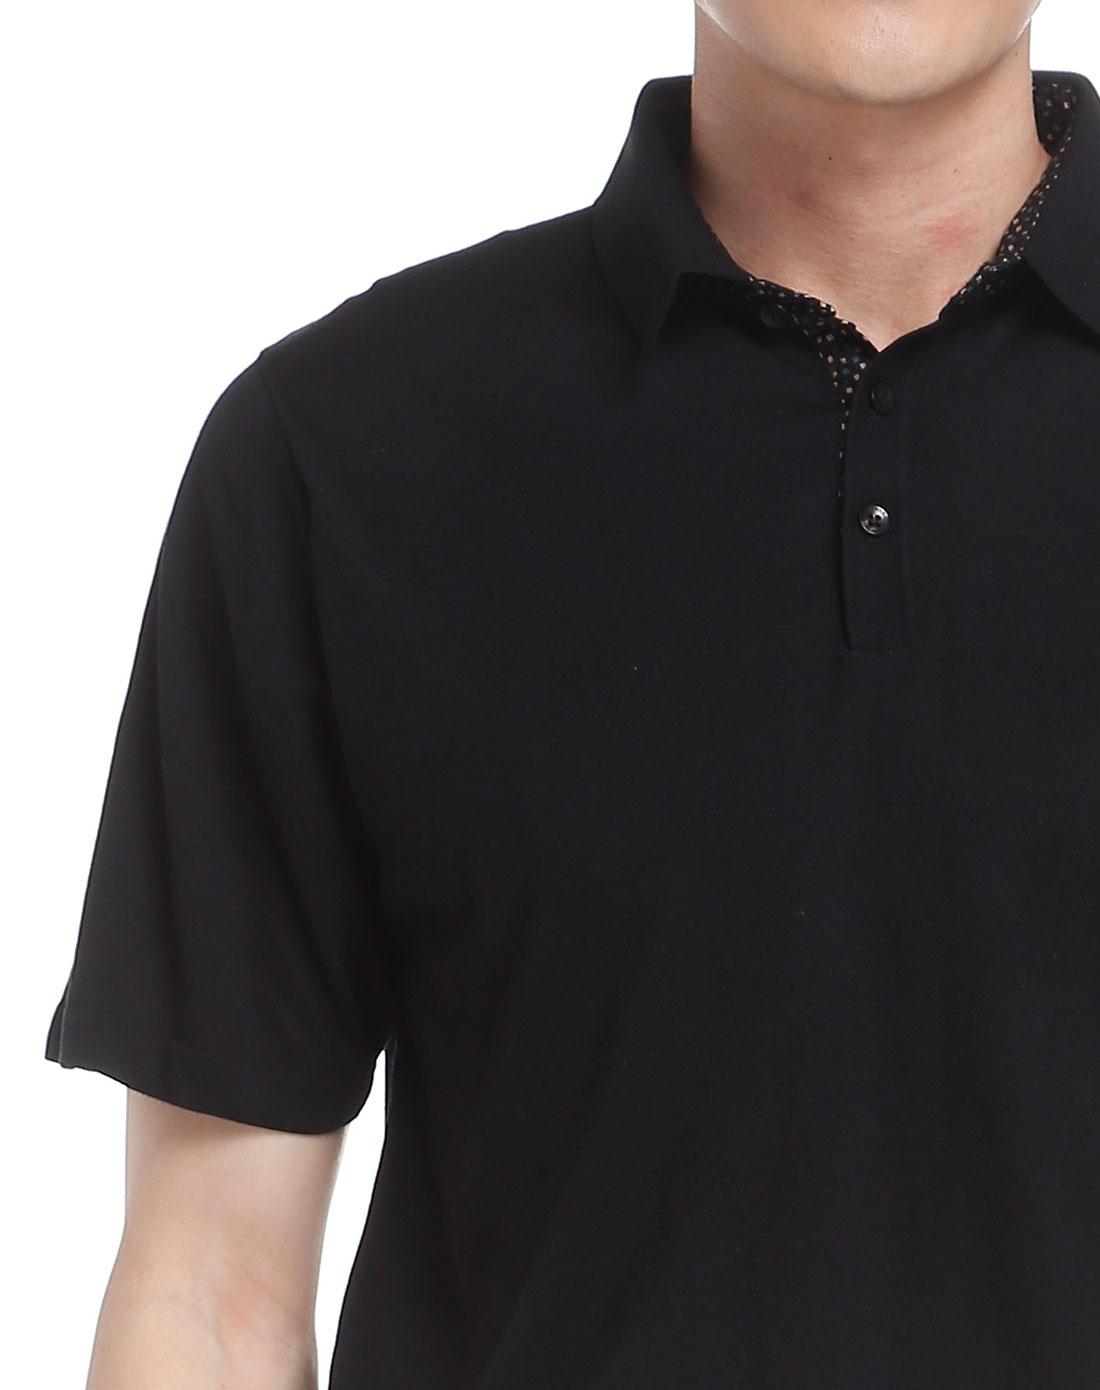 男款纯黑色简单大方翻领短袖针织衫-唯品会